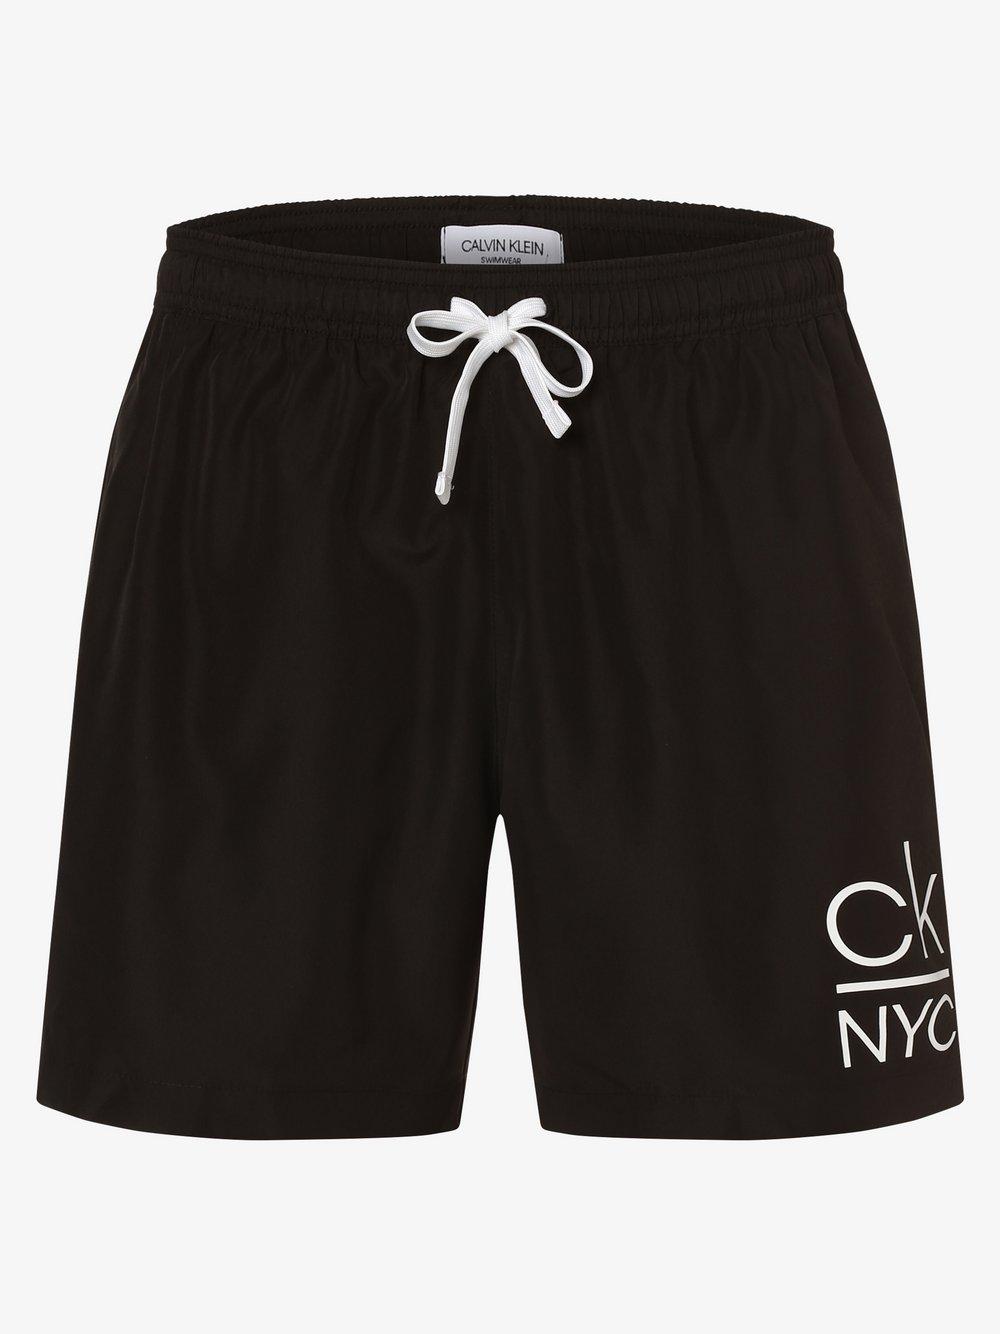 Calvin Klein - Męskie spodenki kąpielowe, czarny